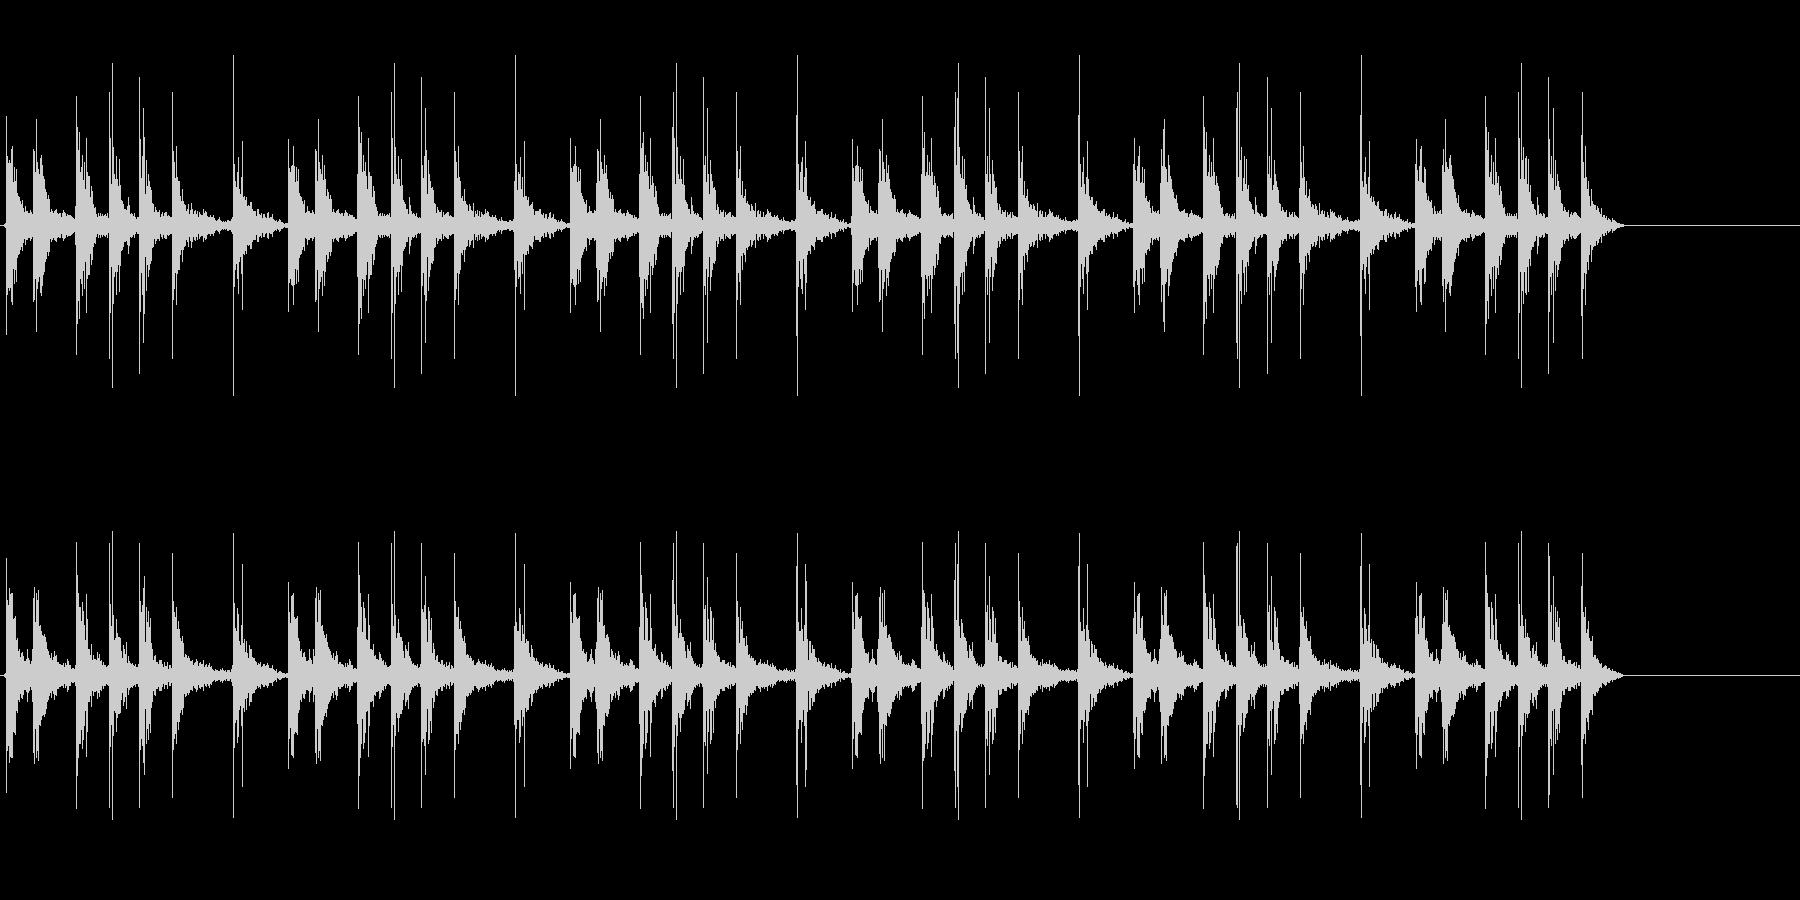 カタカタとネジを巻く音、おもちゃゼンマイの未再生の波形